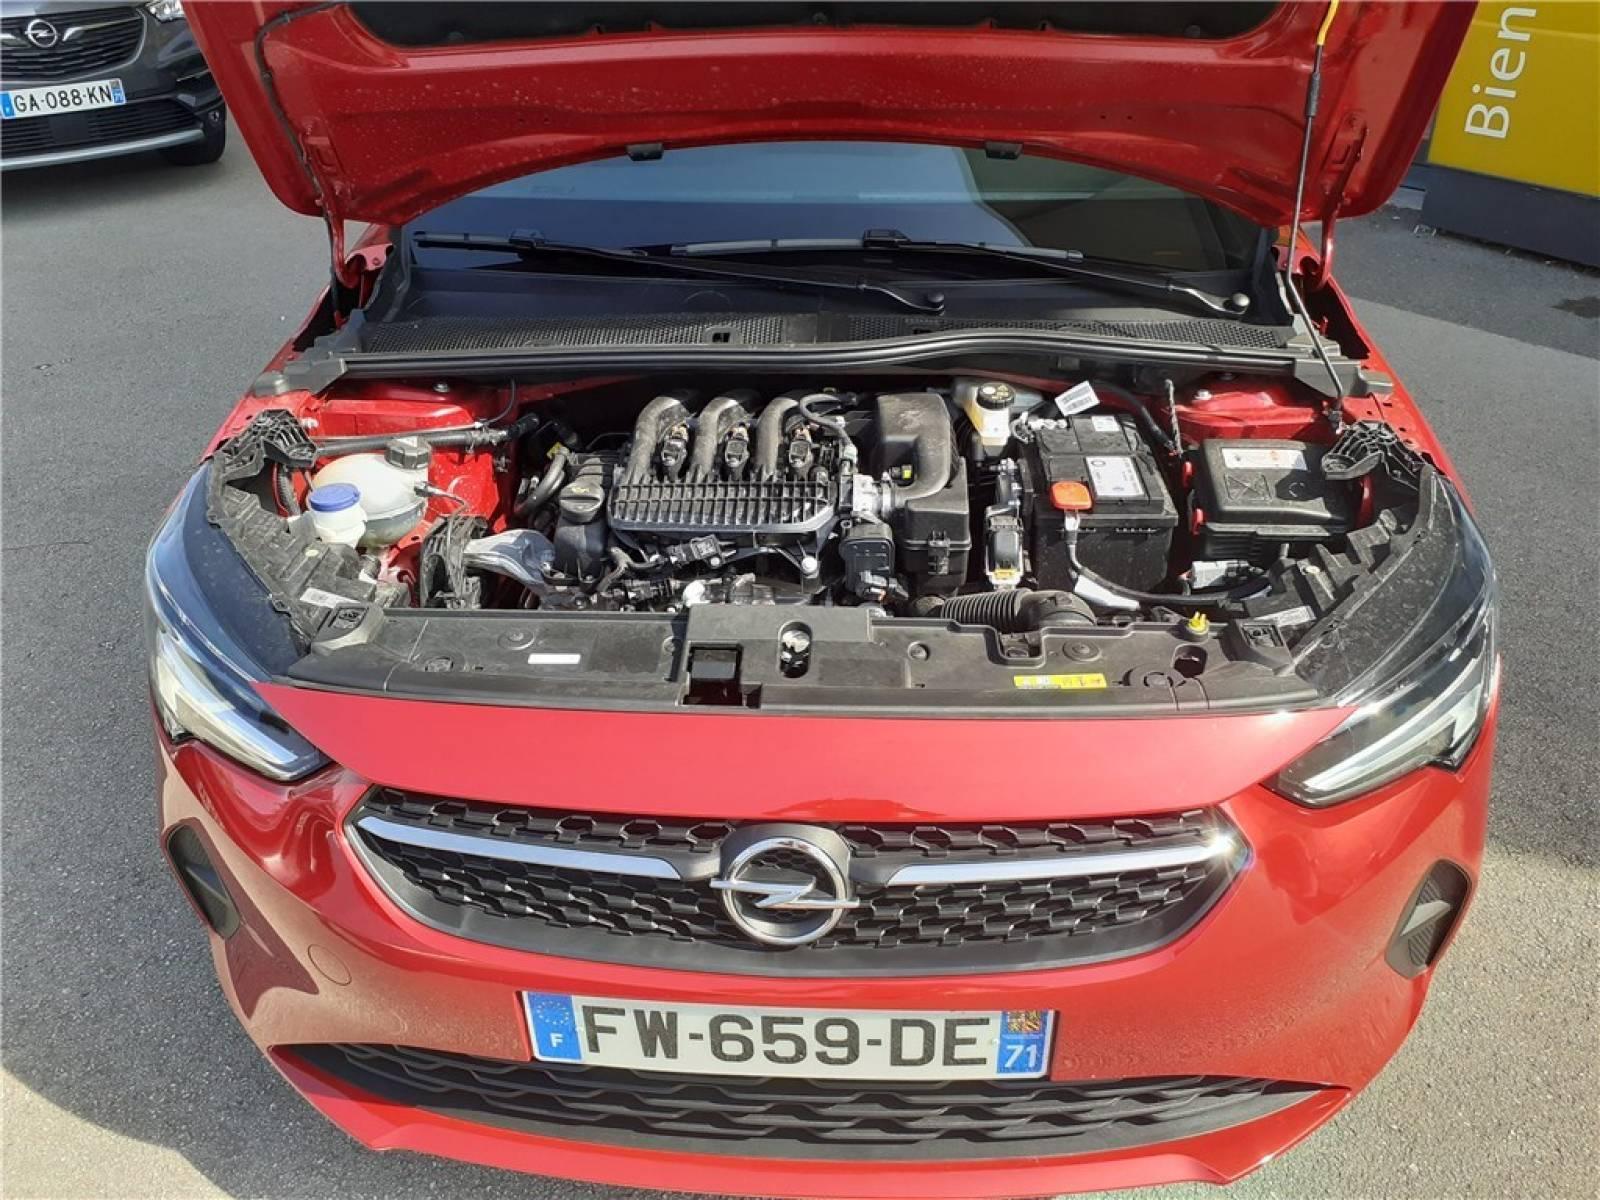 OPEL Corsa 1.2 75 ch BVM5 - véhicule d'occasion - Groupe Guillet - Opel Magicauto - Chalon-sur-Saône - 71380 - Saint-Marcel - 12